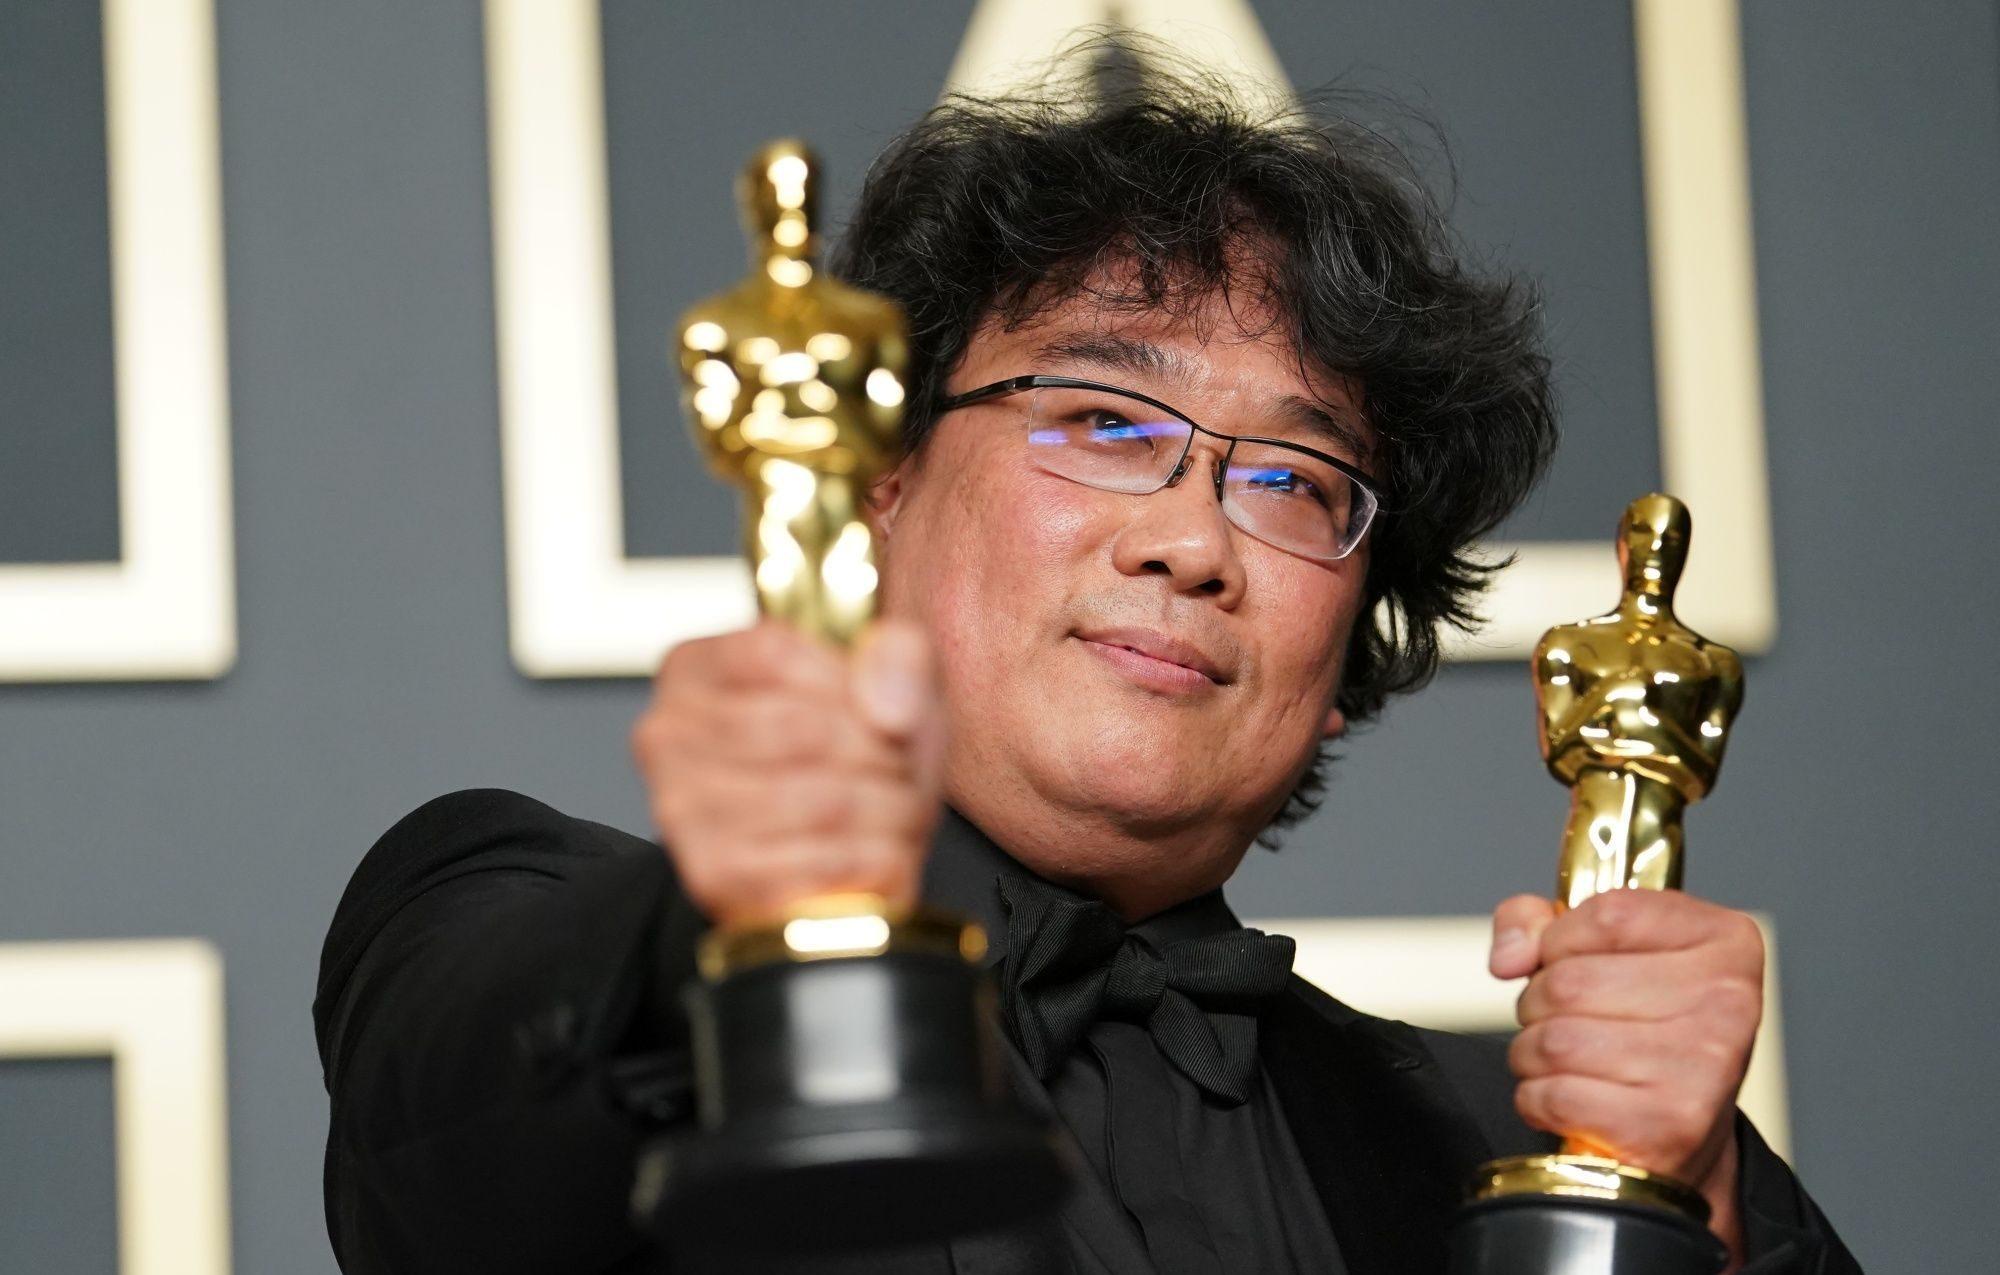 """Le réalisateur sud-coréen Bong Joon-ho brandit deux des quatre oscars de son film """"Parasite"""", récompensé dans les catégories meilleur film, meilleur film international, meilleur réalisateur et meilleur scénario original, à Los Angeles le 9 février 2020. (Source : Yahoo News)"""